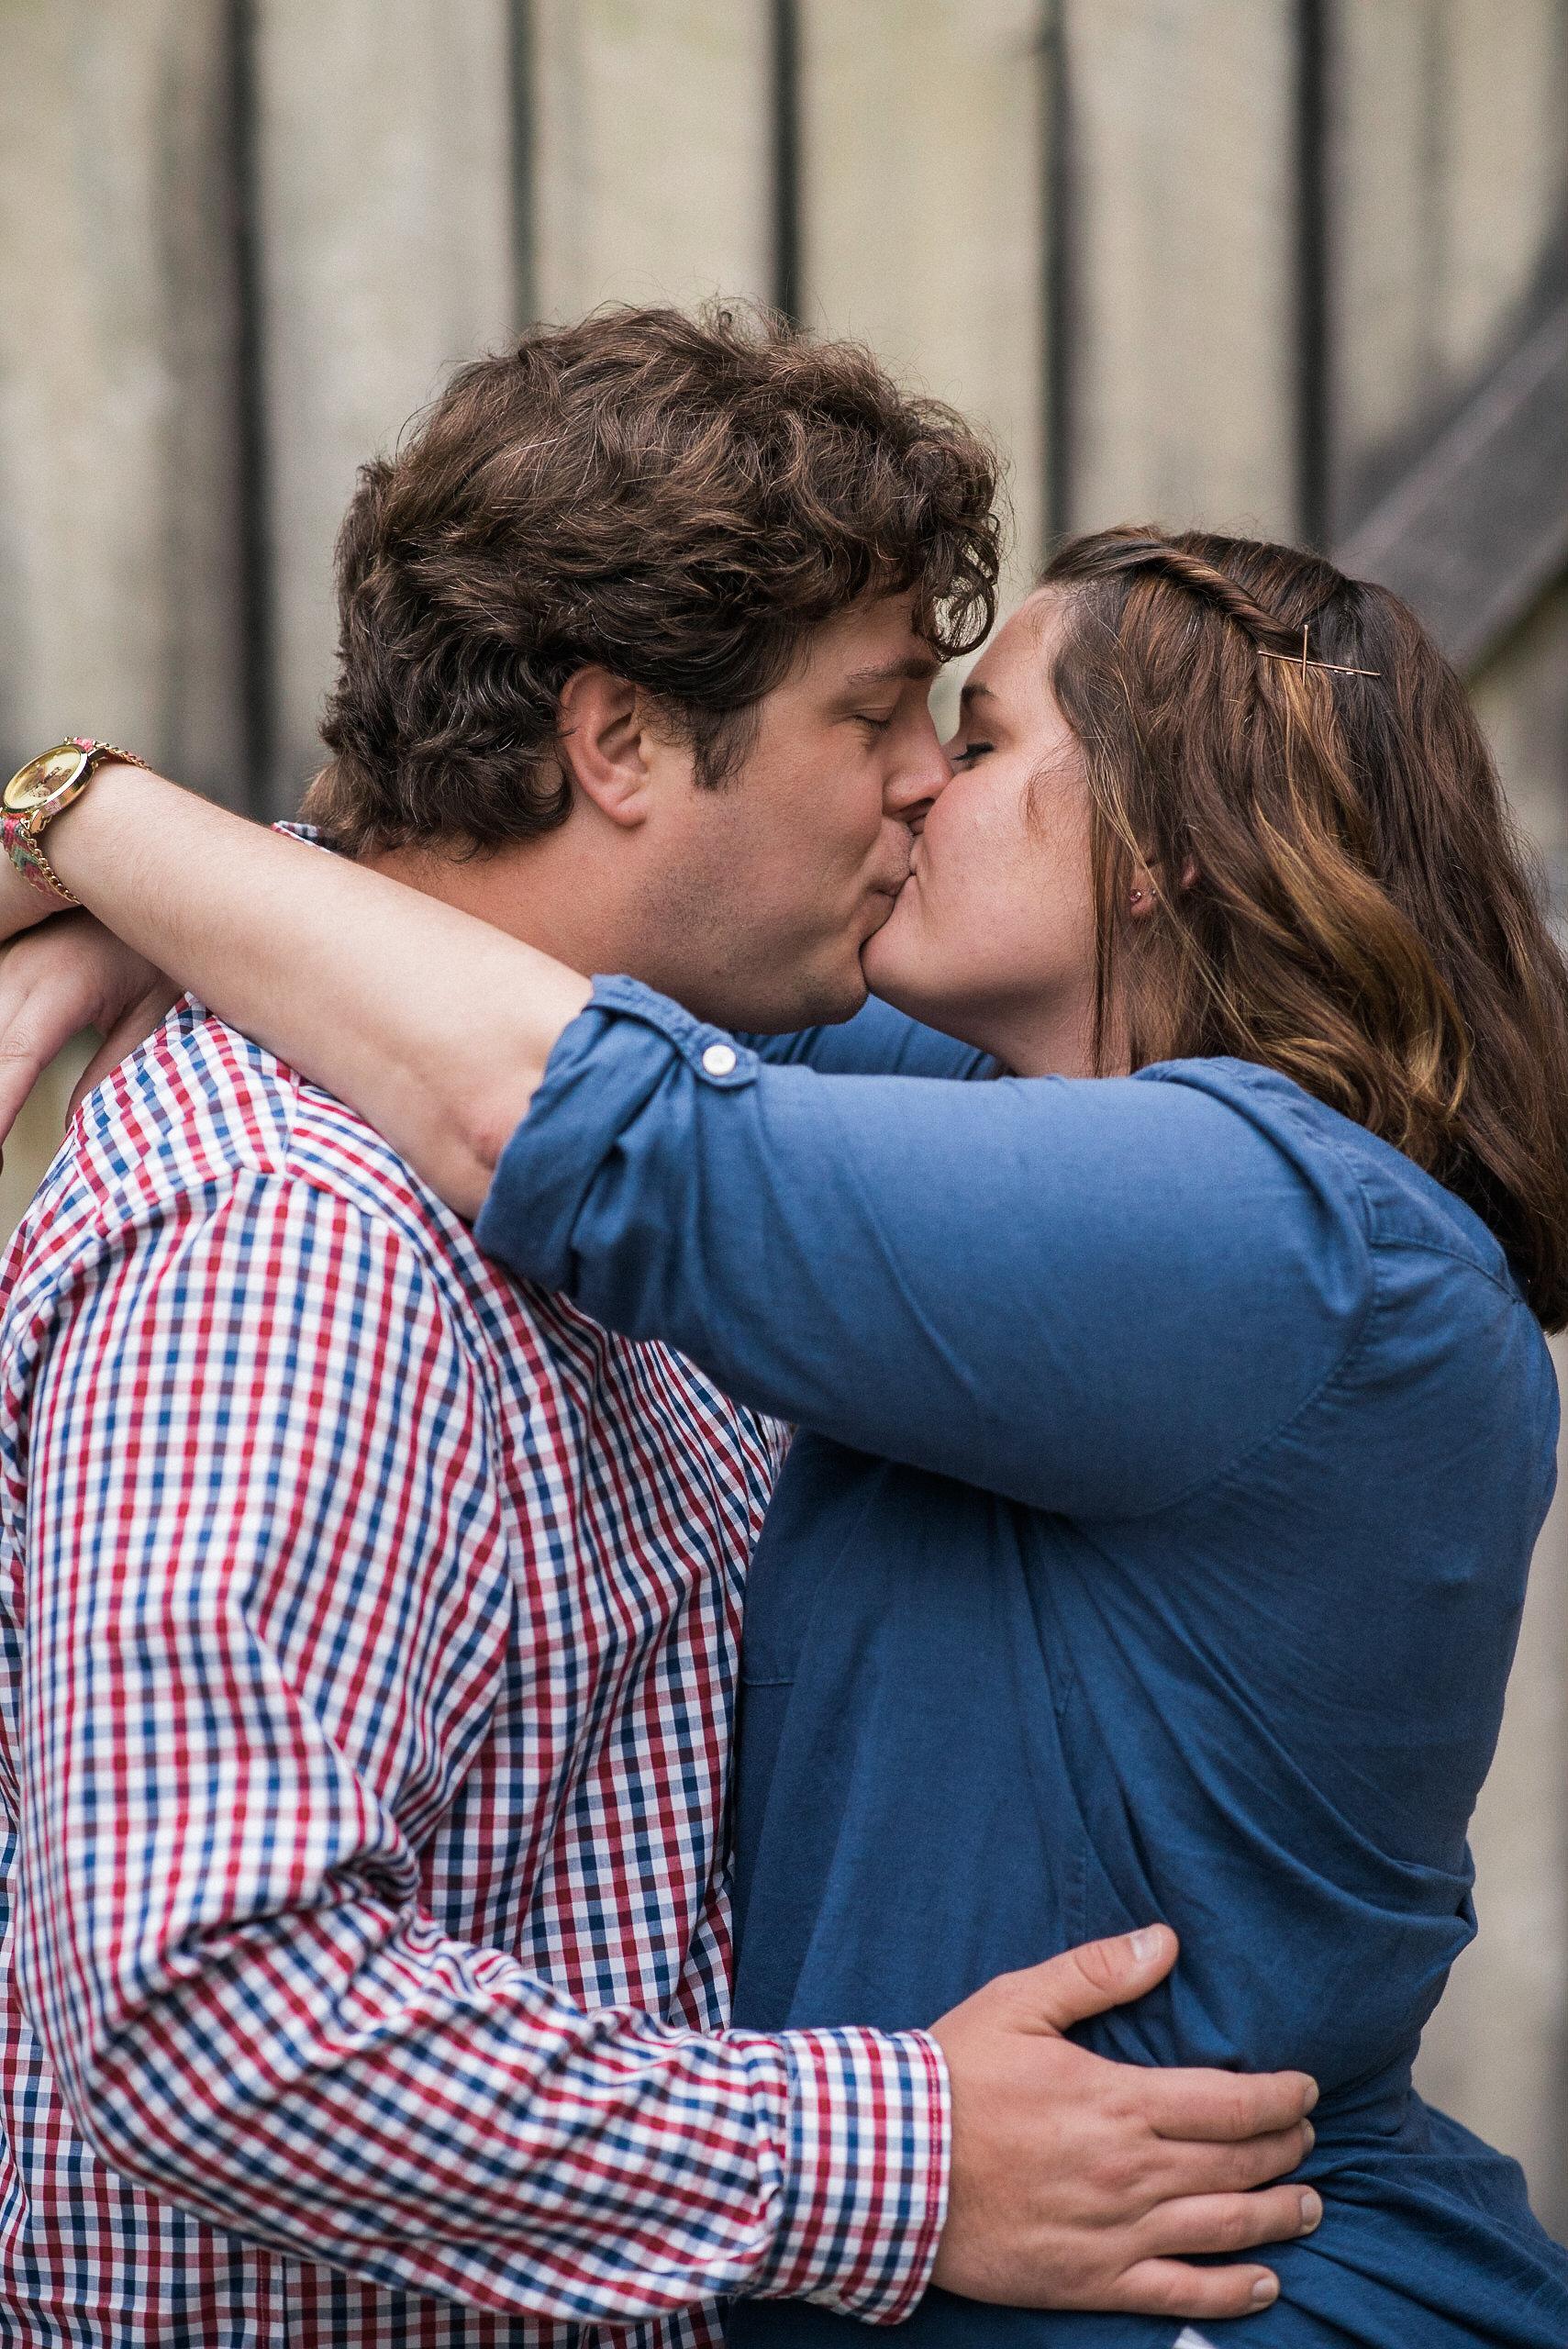 Couple kissing in front of wooden door